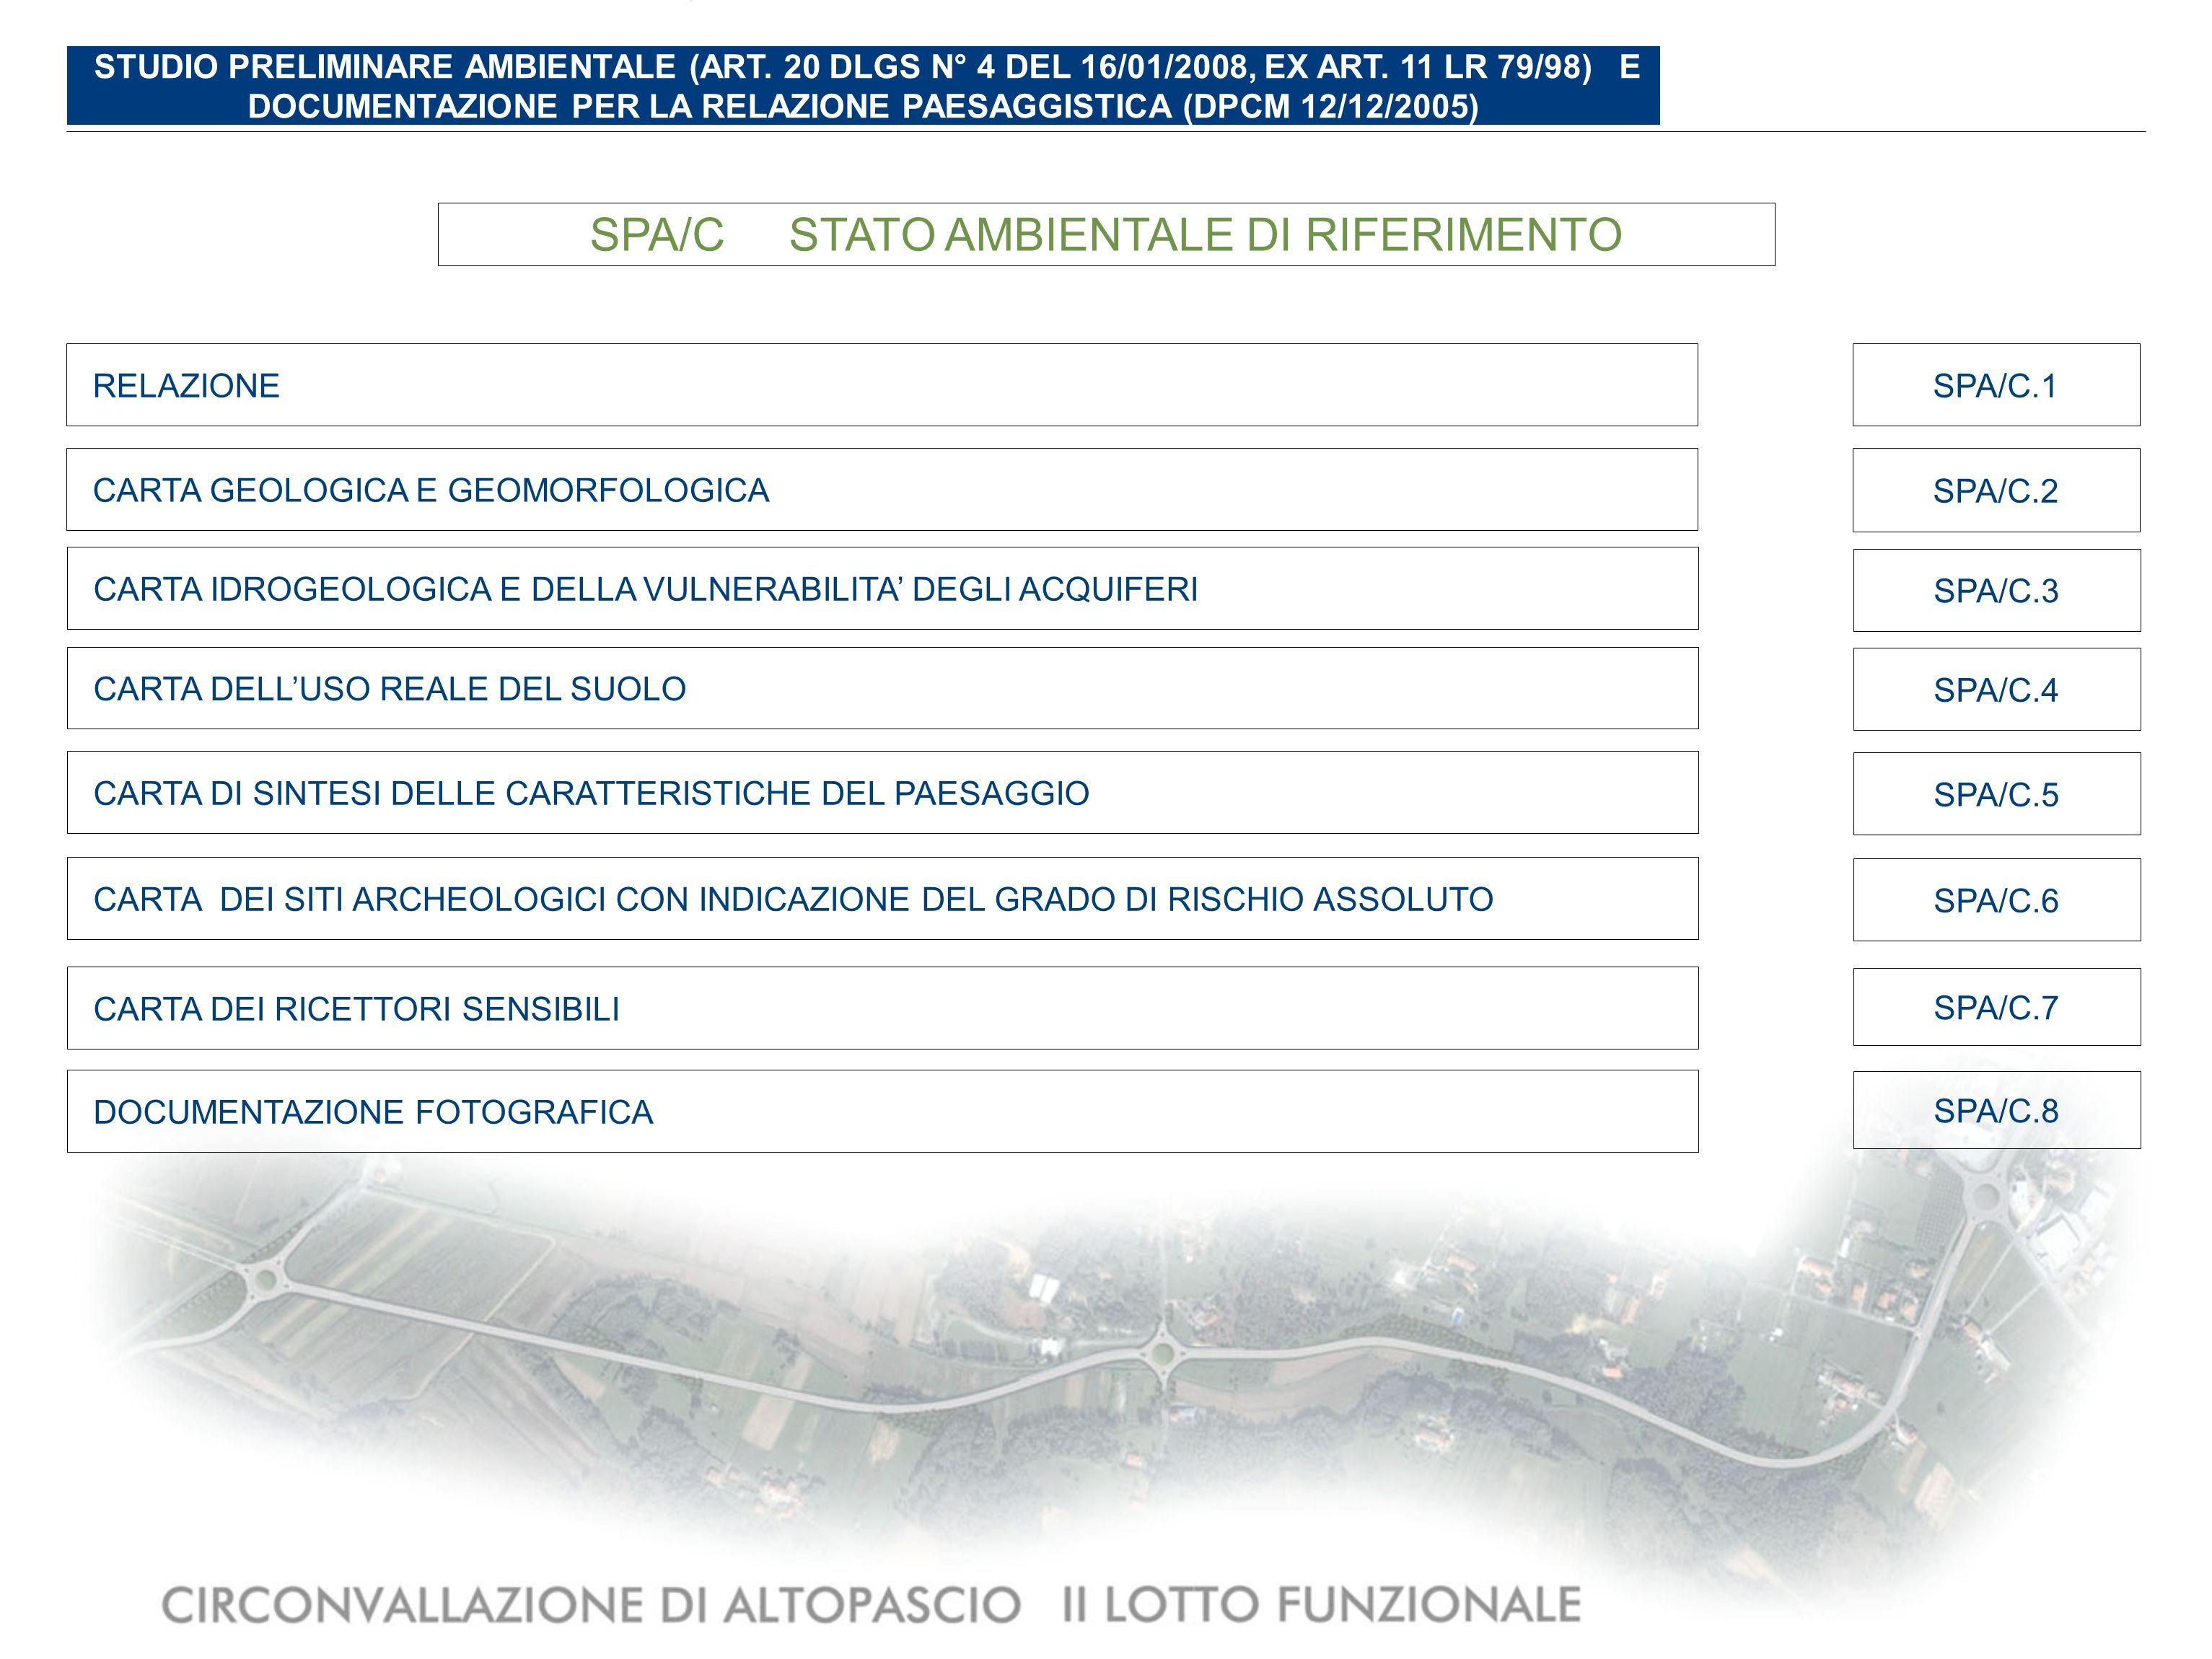 SPA/DIMPATTI DEL PROGETTO E INTERVENTI DI MITIGAZIONE AMBIENTALE ABACO DELLE SPECIE ARBOREE ED ARBUSTIVE DI PROGETTO E SCHEMI ASSOCIATIVI DI IMPIANTO SPA/D.2 PLANIMETRIA DI PROGETTO CON INDICAZIONE DEGLI INTERVENTI DI MITIGAZIONE AMBIENTALE (1:2.000) SPA/D.3 SEZIONI AMBIENTALI CARATTERISTICHE CON INDICAZIONE DEGLI INTERVENTI DI MITIGAZIONE AMBIENTALE (1:200) SPA/D.4 FOTOPIANO CON INSERIMENTO DELLINFRASTRUTTURA DI PROGETTO E DELLE OPERE DI MITIGAZIONE AMBIENTALE (1:5.000) SPA/D.5 SIMULAZIONI FOTOGRAFICHE DI PROGETTO CON INDICAZIONE DELLE OPERE DI MITIGAZIONE AMBIENTALE SPA/D.6 RELAZIONE SPA/D.1 MAPPATURA DELLE ISOFONICHE – PERIODO NOTTURNO CON MITIGAZIONI SPA/D.7 STUDIO PRELIMINARE AMBIENTALE (ART.